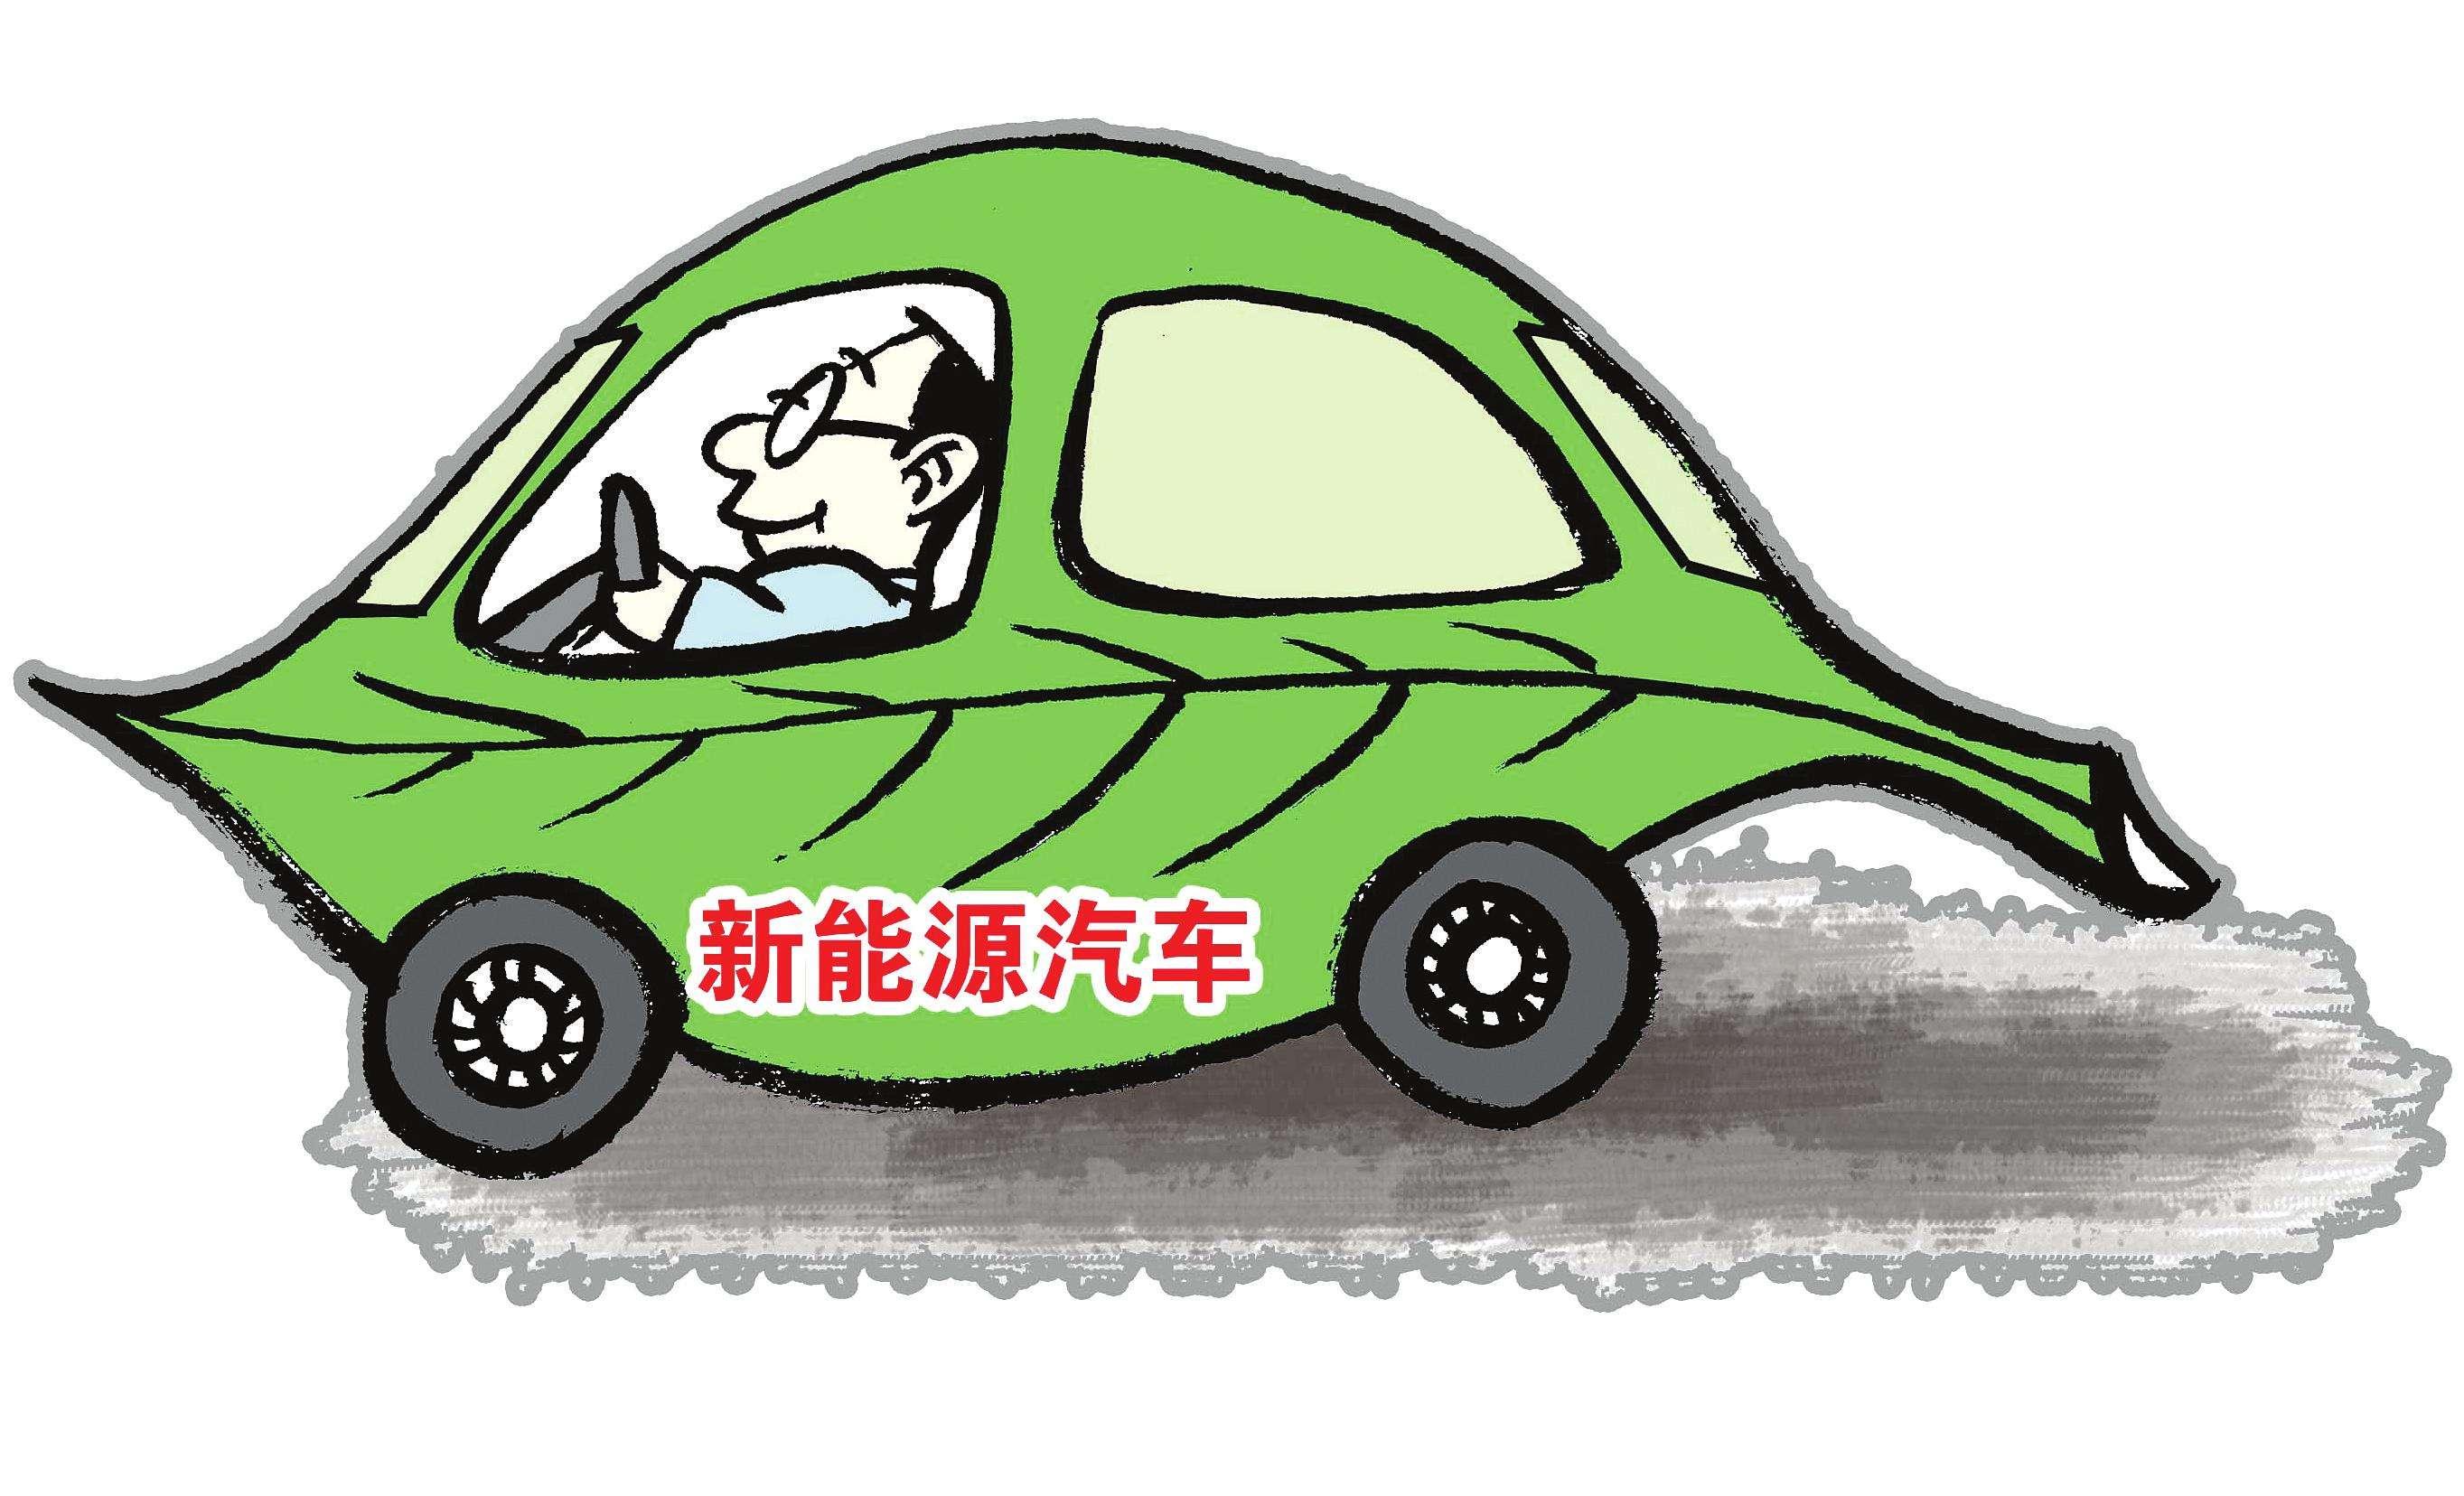 江淮汽车与大众合作 共同投建新能源汽车研发中心